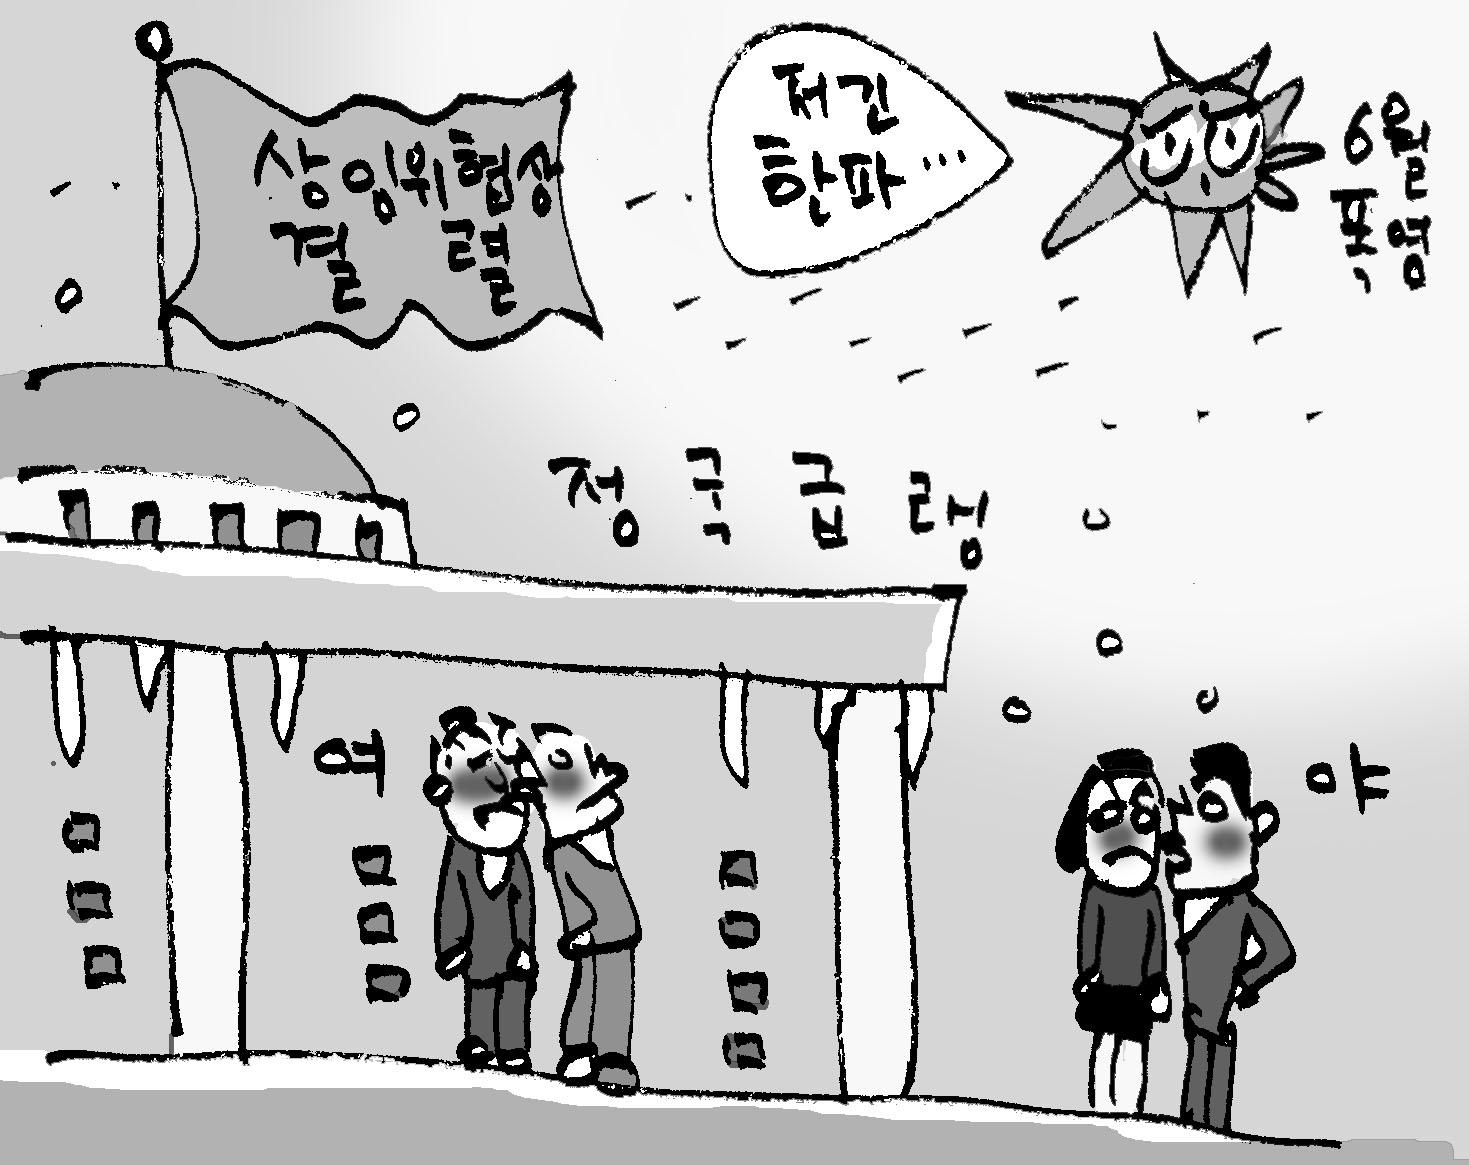 여당發 '사법개혁 태풍' 올 듯… 정국 급속 경색